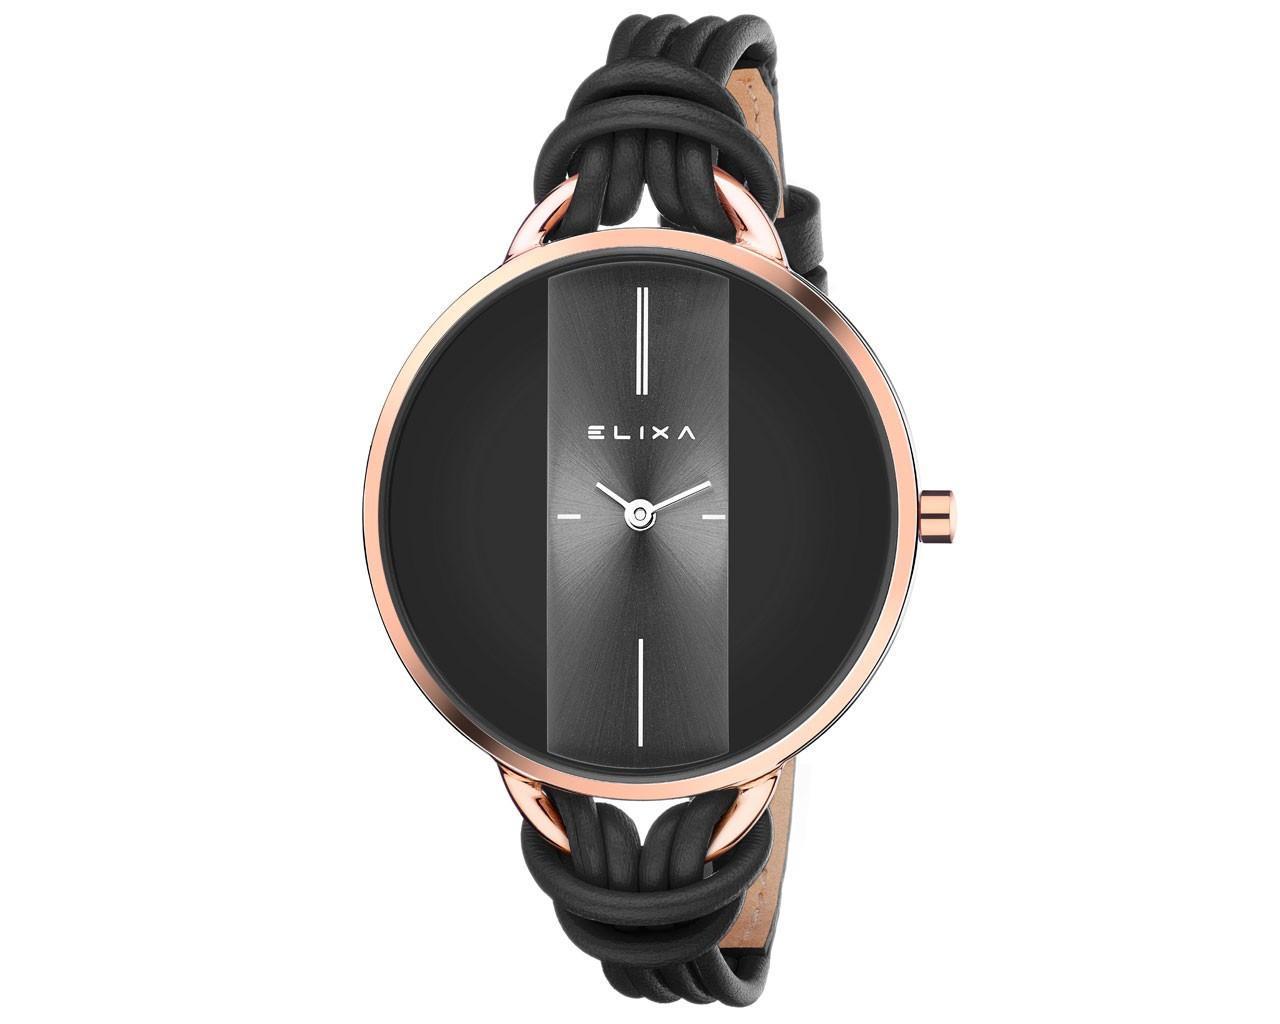 Дамски часовник Elixa E096-L371-K1